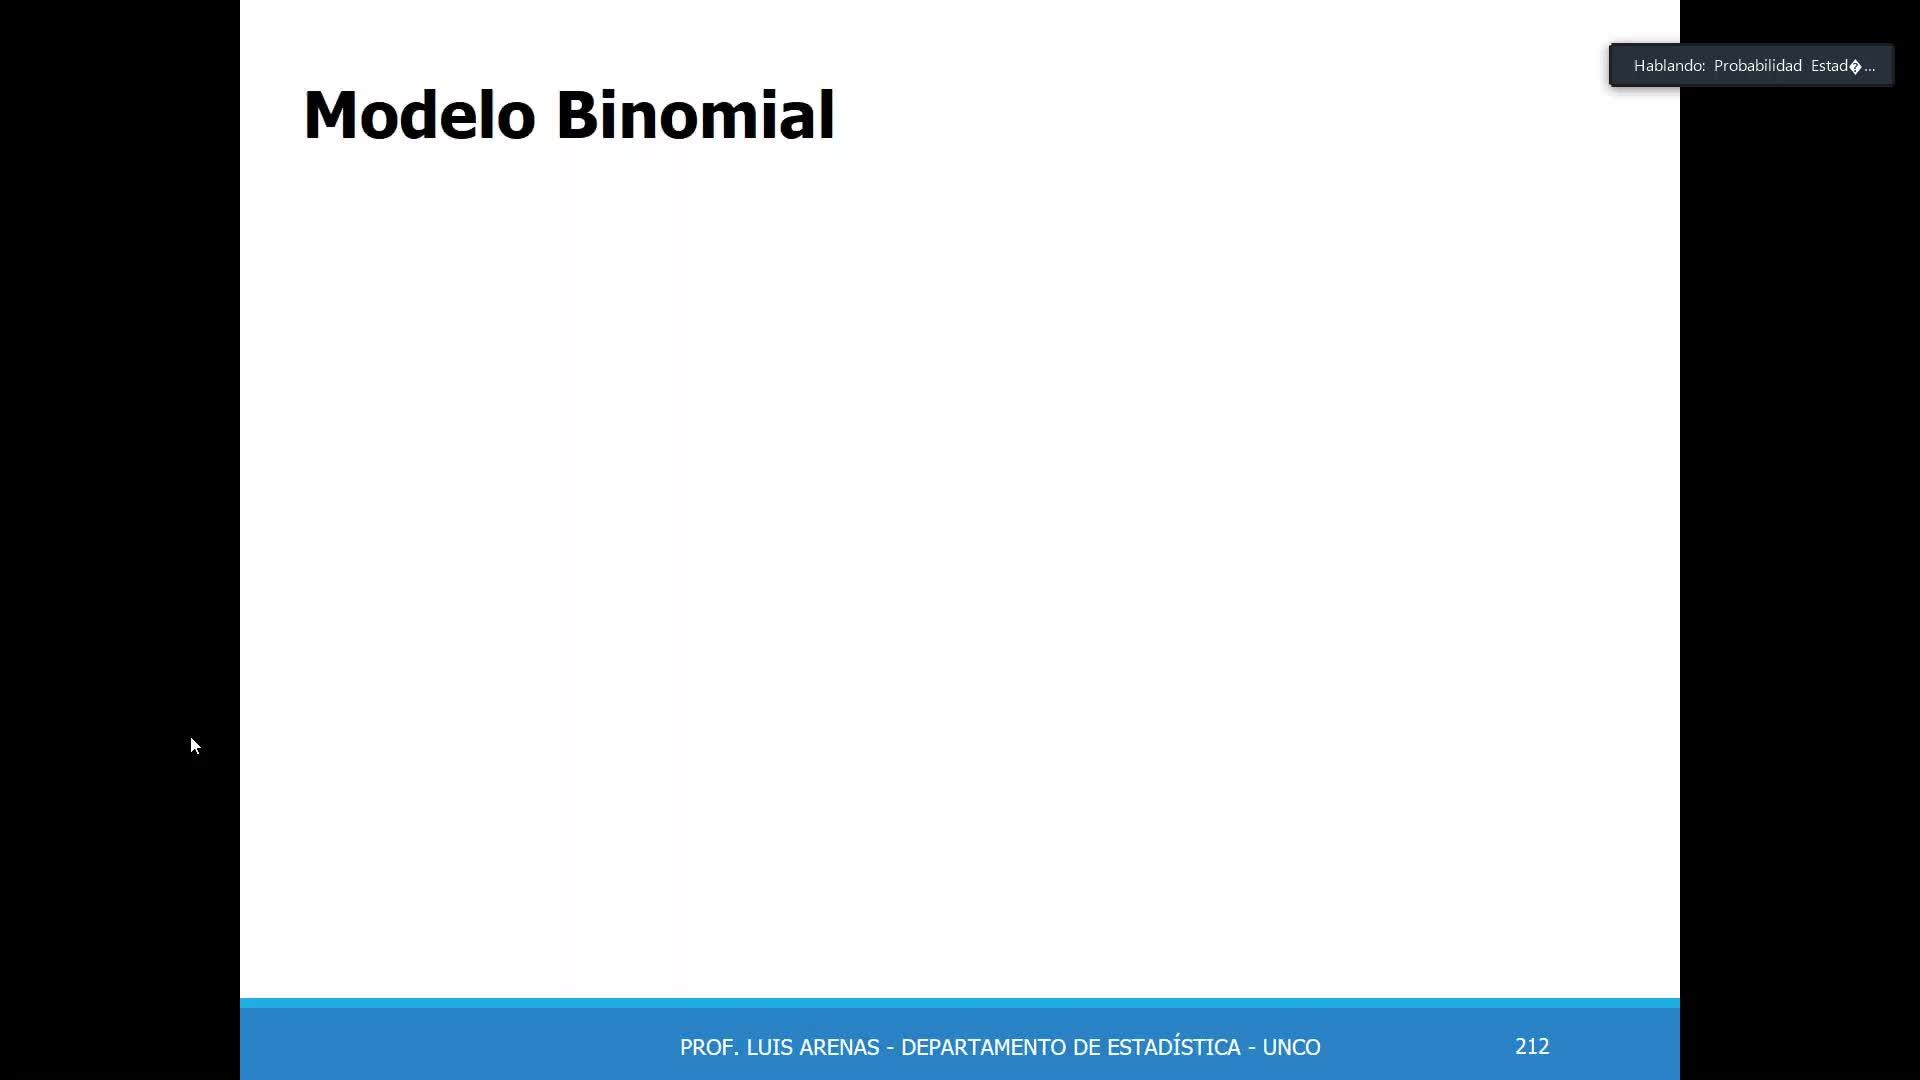 2020-09-17 Teoría Pt.1 - Modelos Binomial y Geométrico